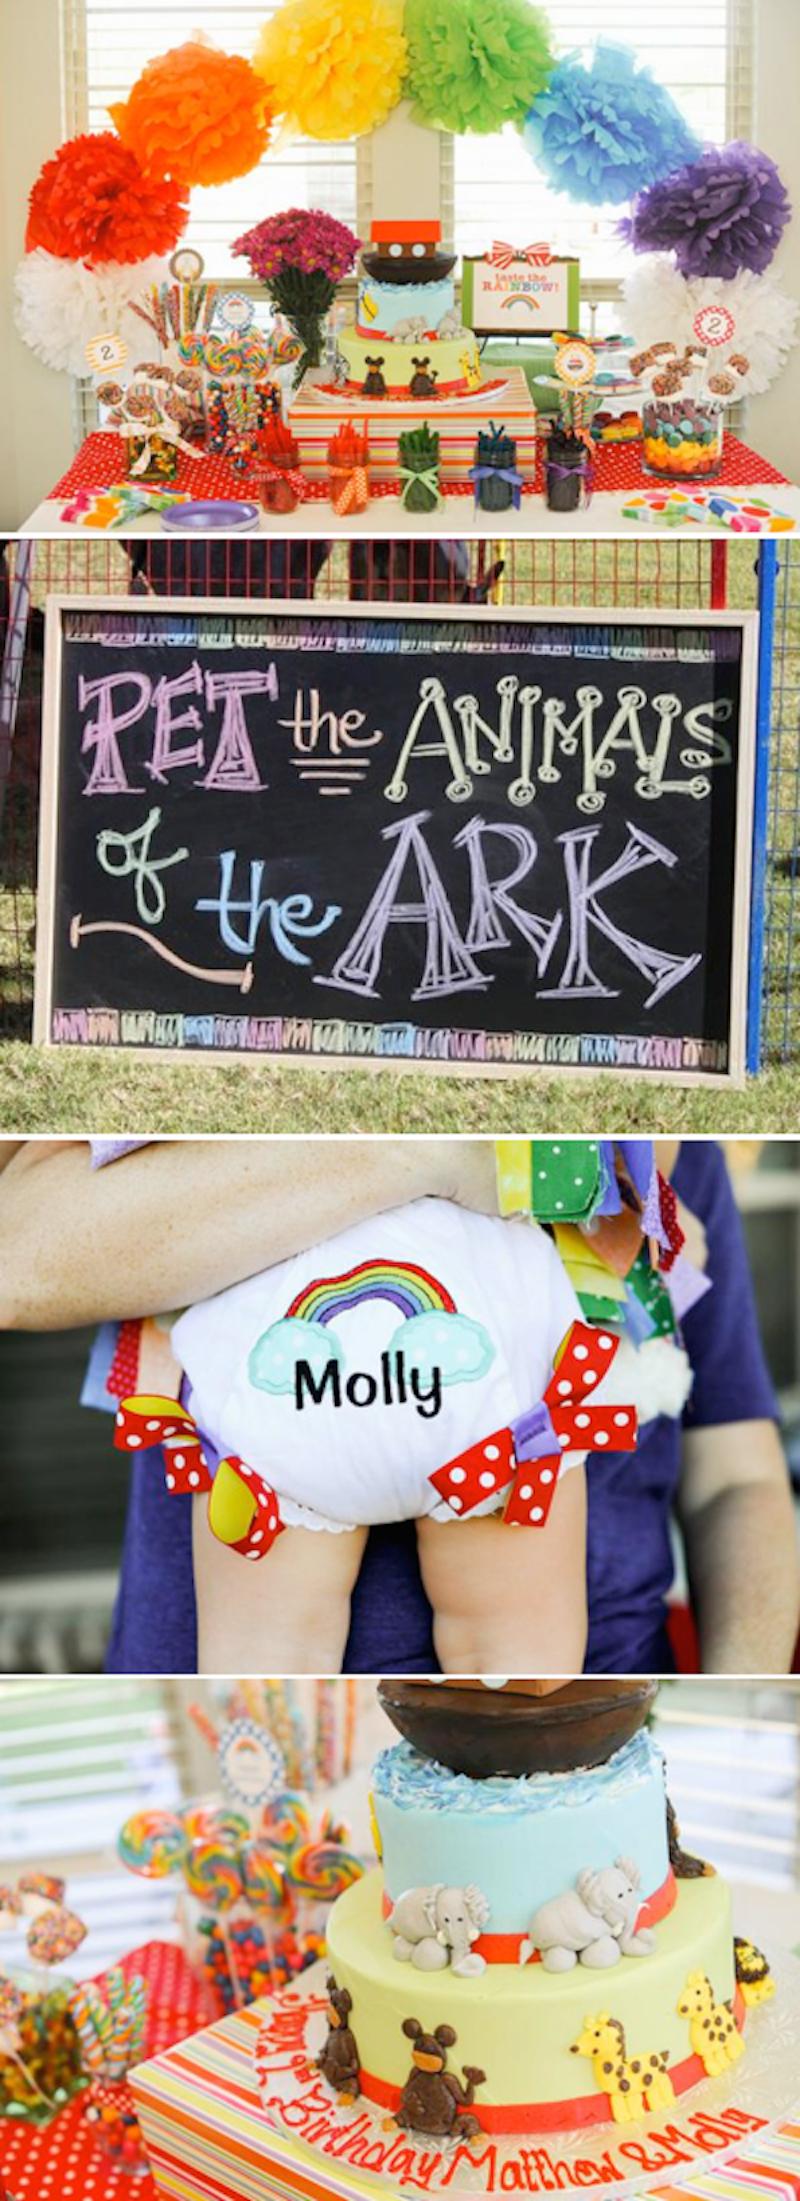 festa-infantil-arca-de-noé-colorida